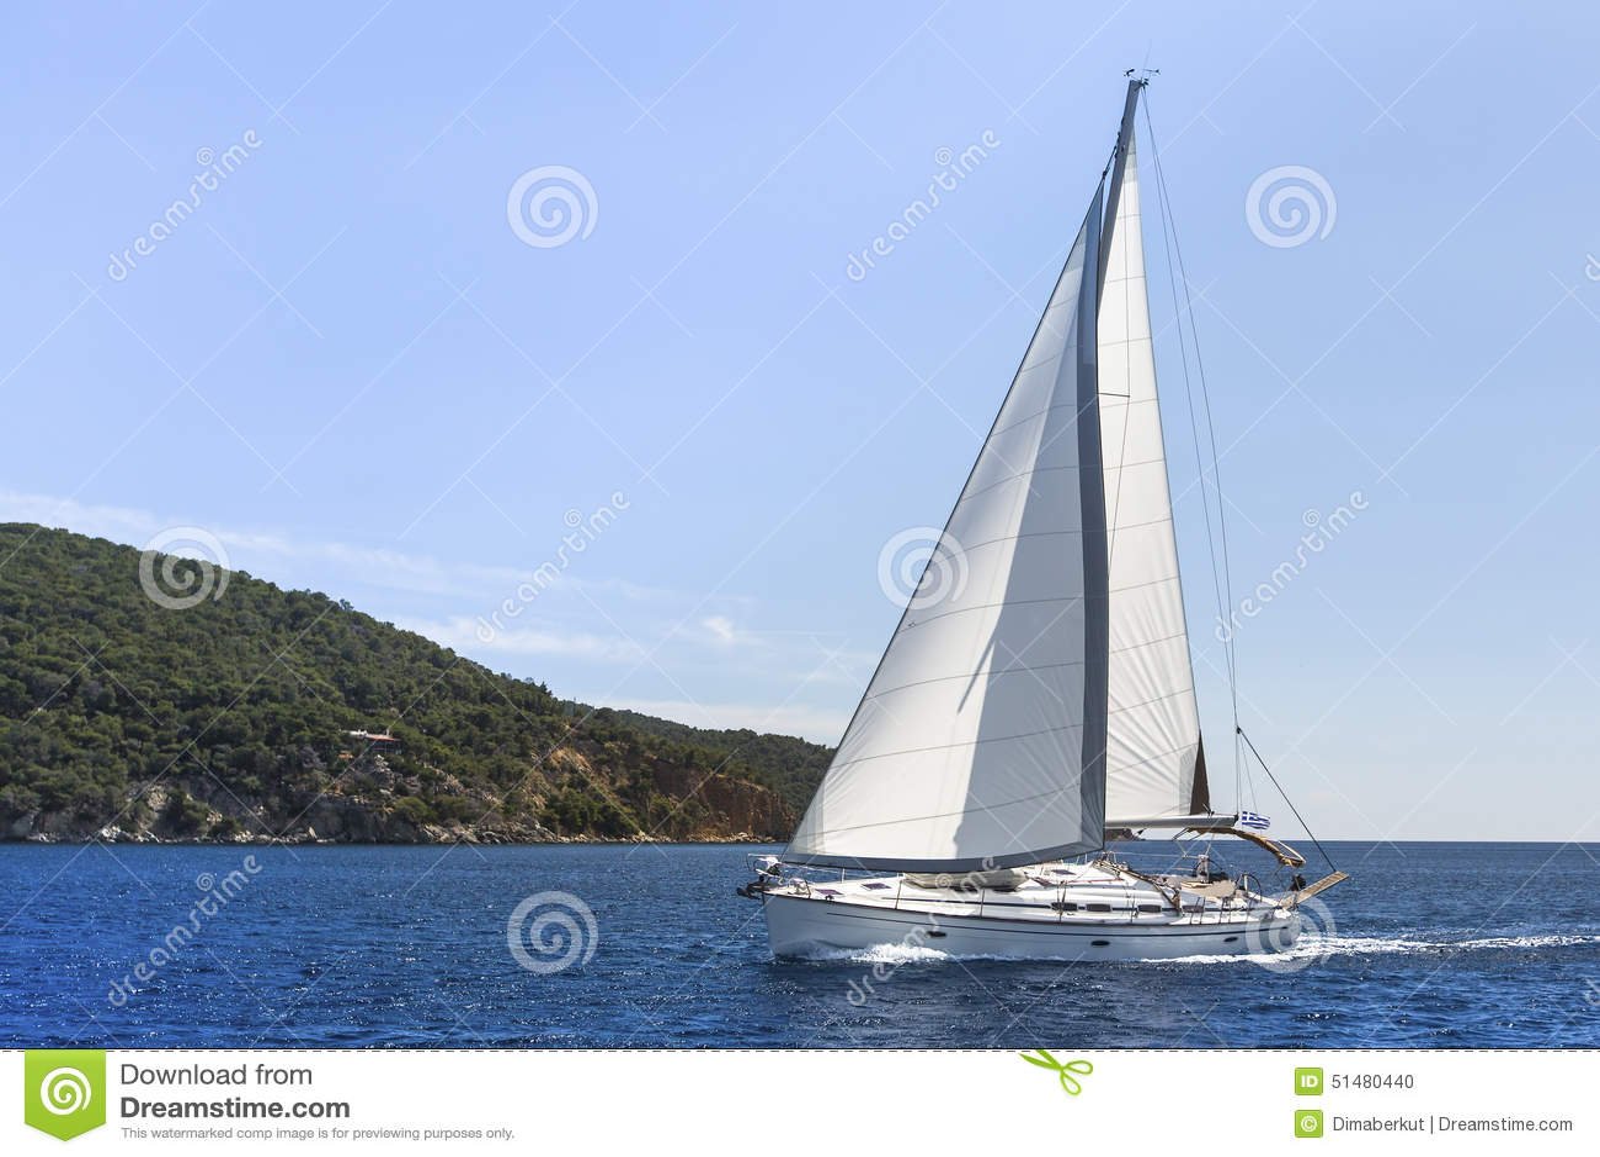 Cruzeiro do veleiro no mar Mediterrâneo sailing